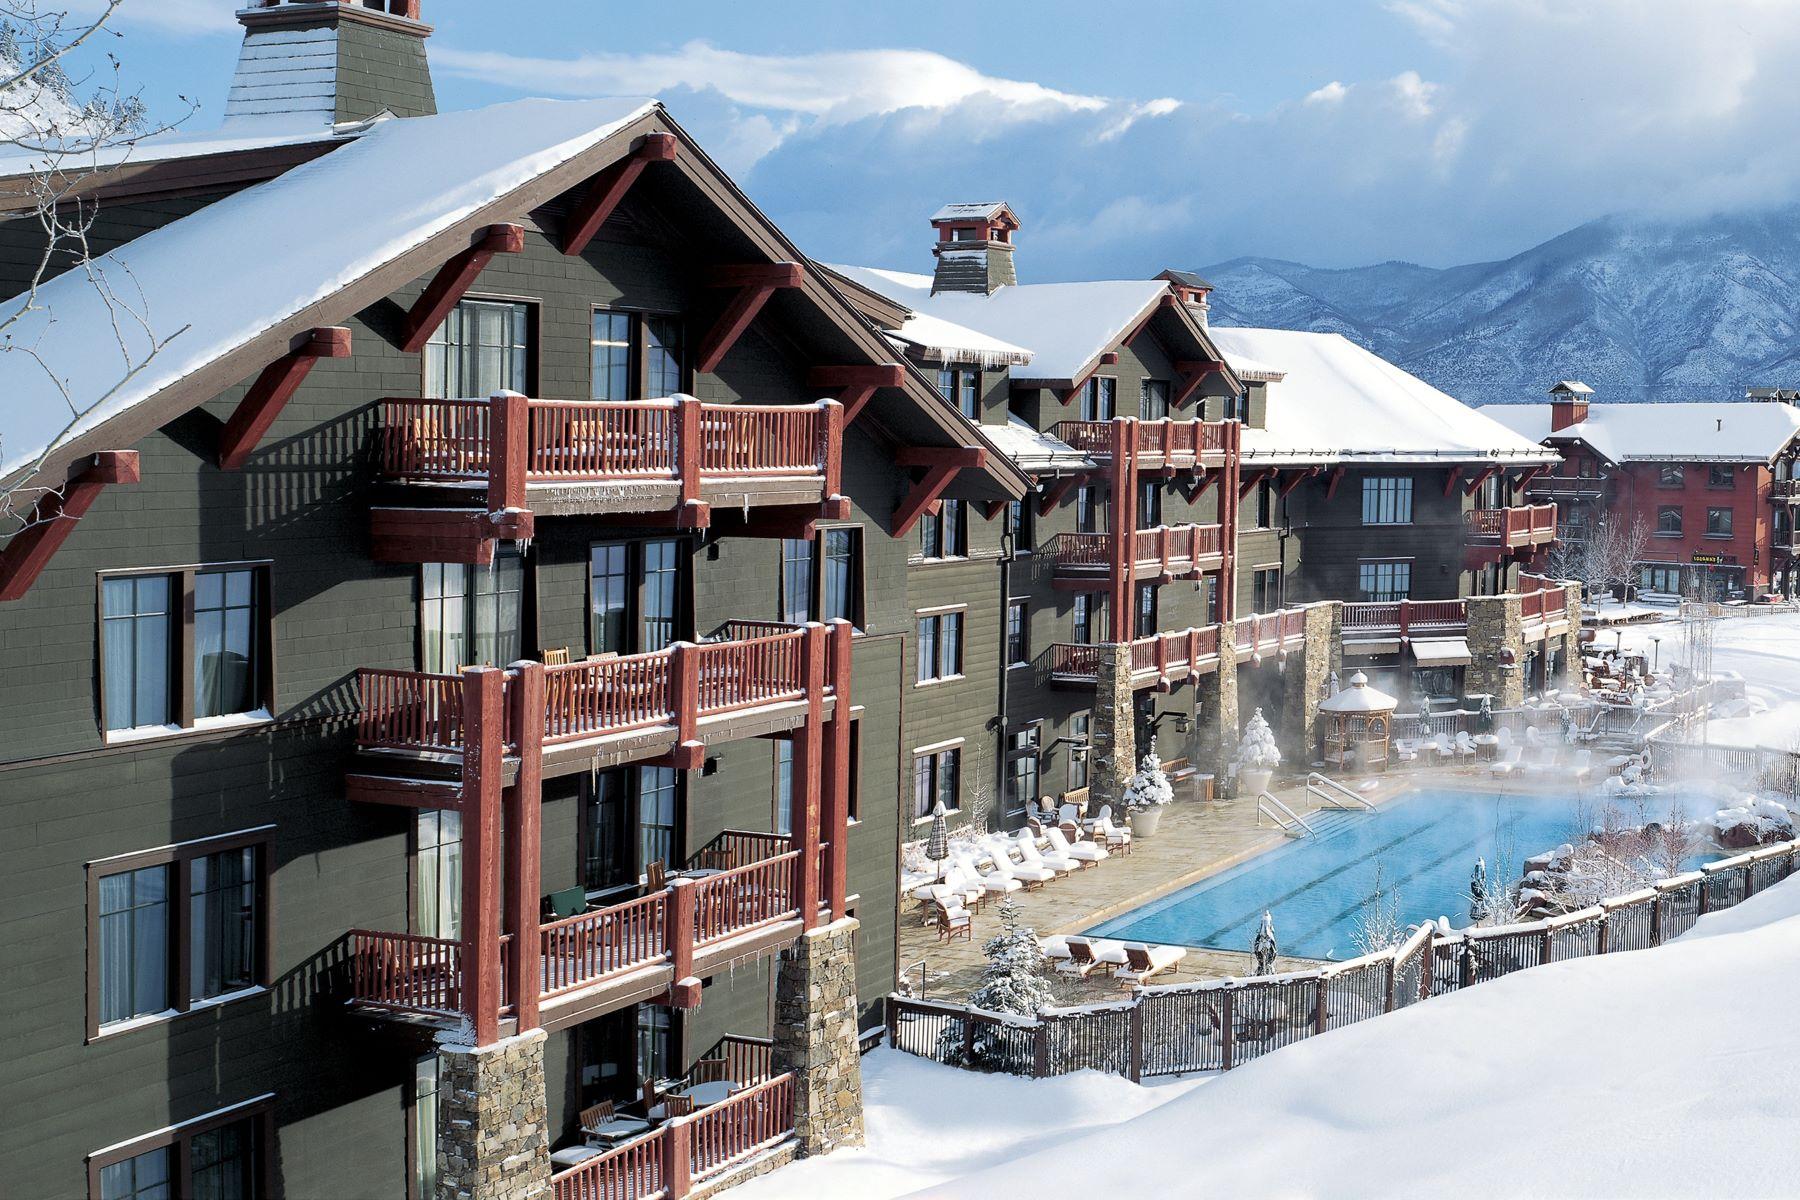 Долевое владение для того Продажа на The Ritz Carlton 0075 Prospector Road #8314-4, Aspen, Колорадо, 81611 Соединенные Штаты